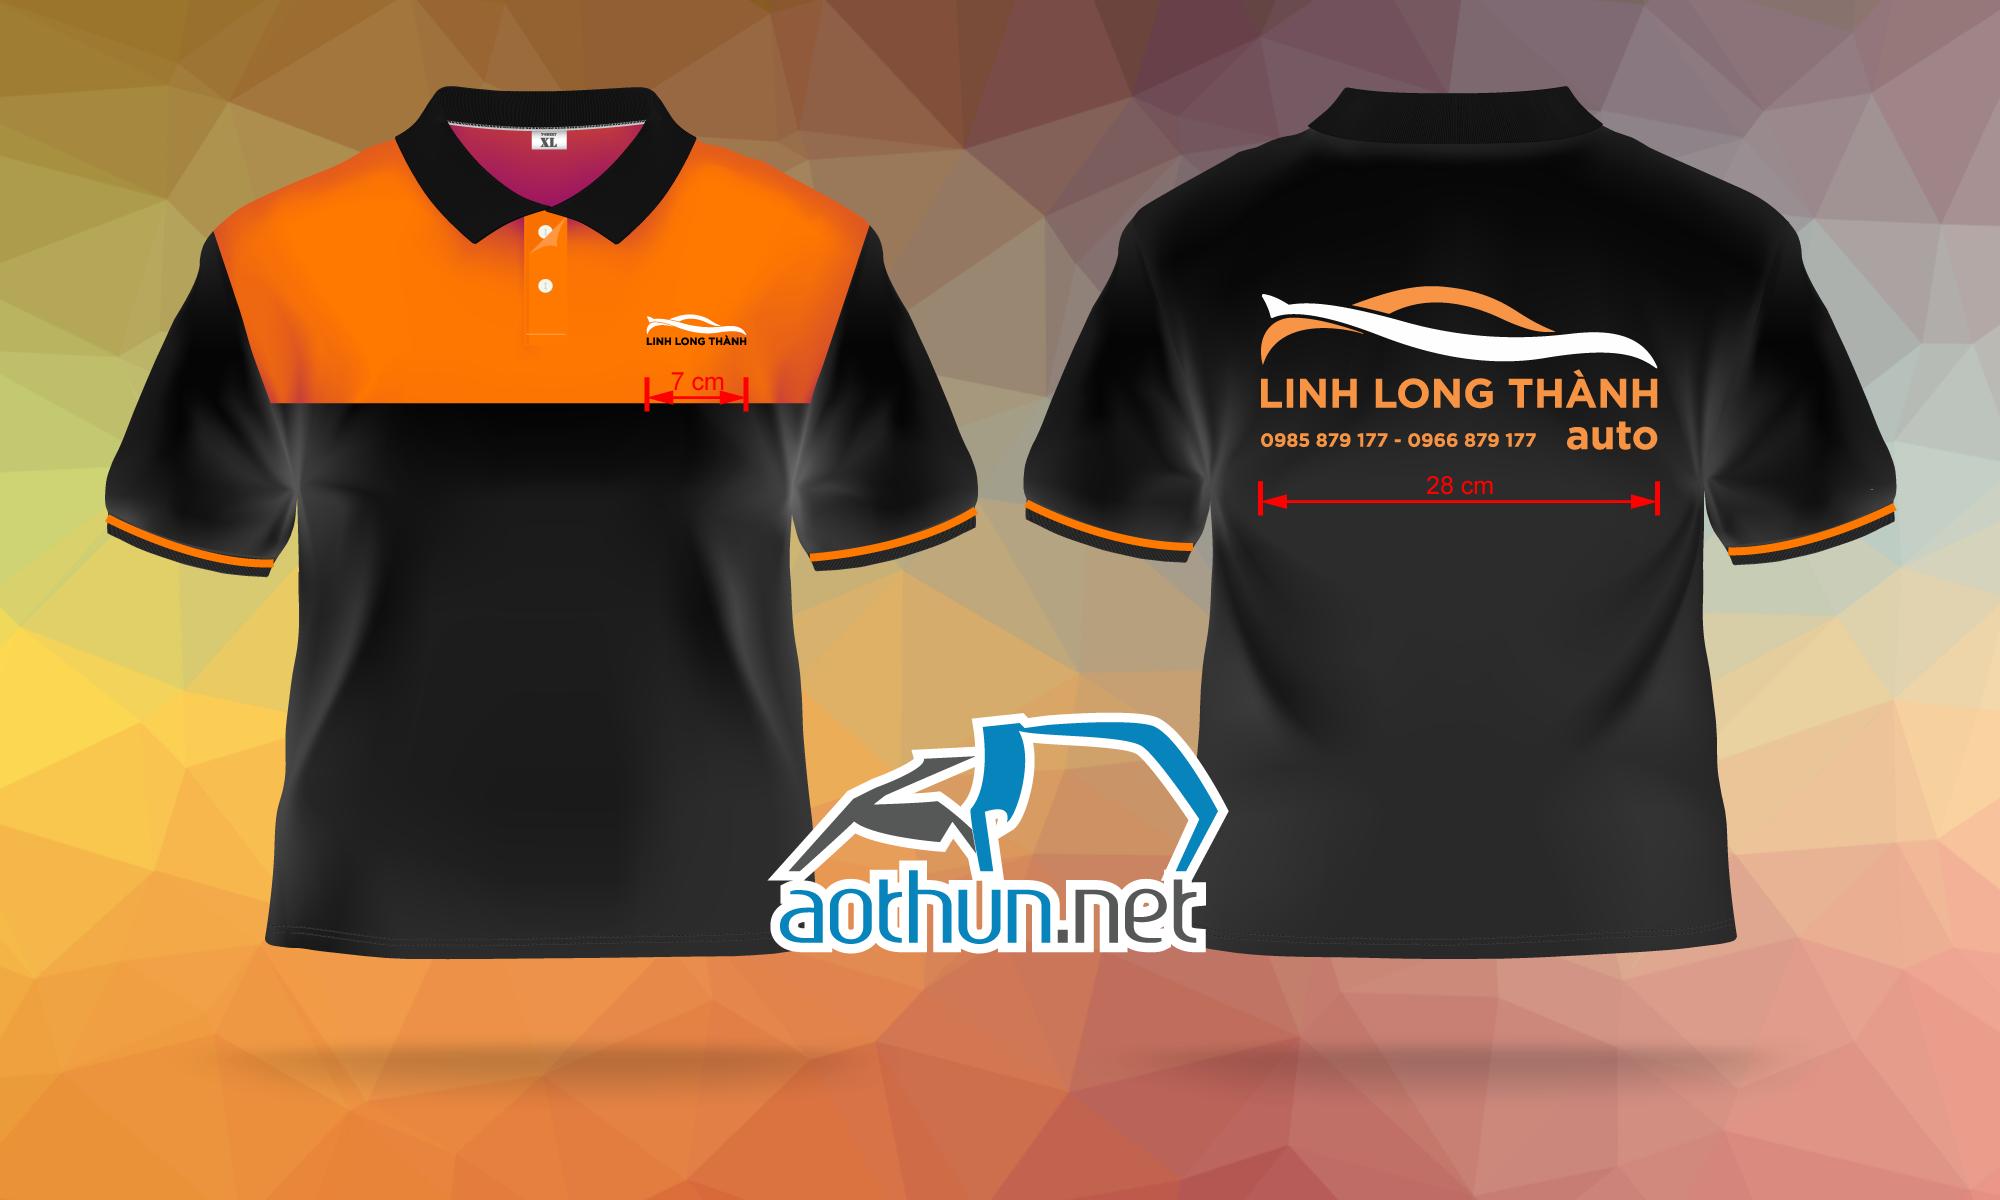 Áo thun đồng phục nhân viên Công Ty Nội Ngoại Thất Linh Long Thành Auto tại Đồng Nai